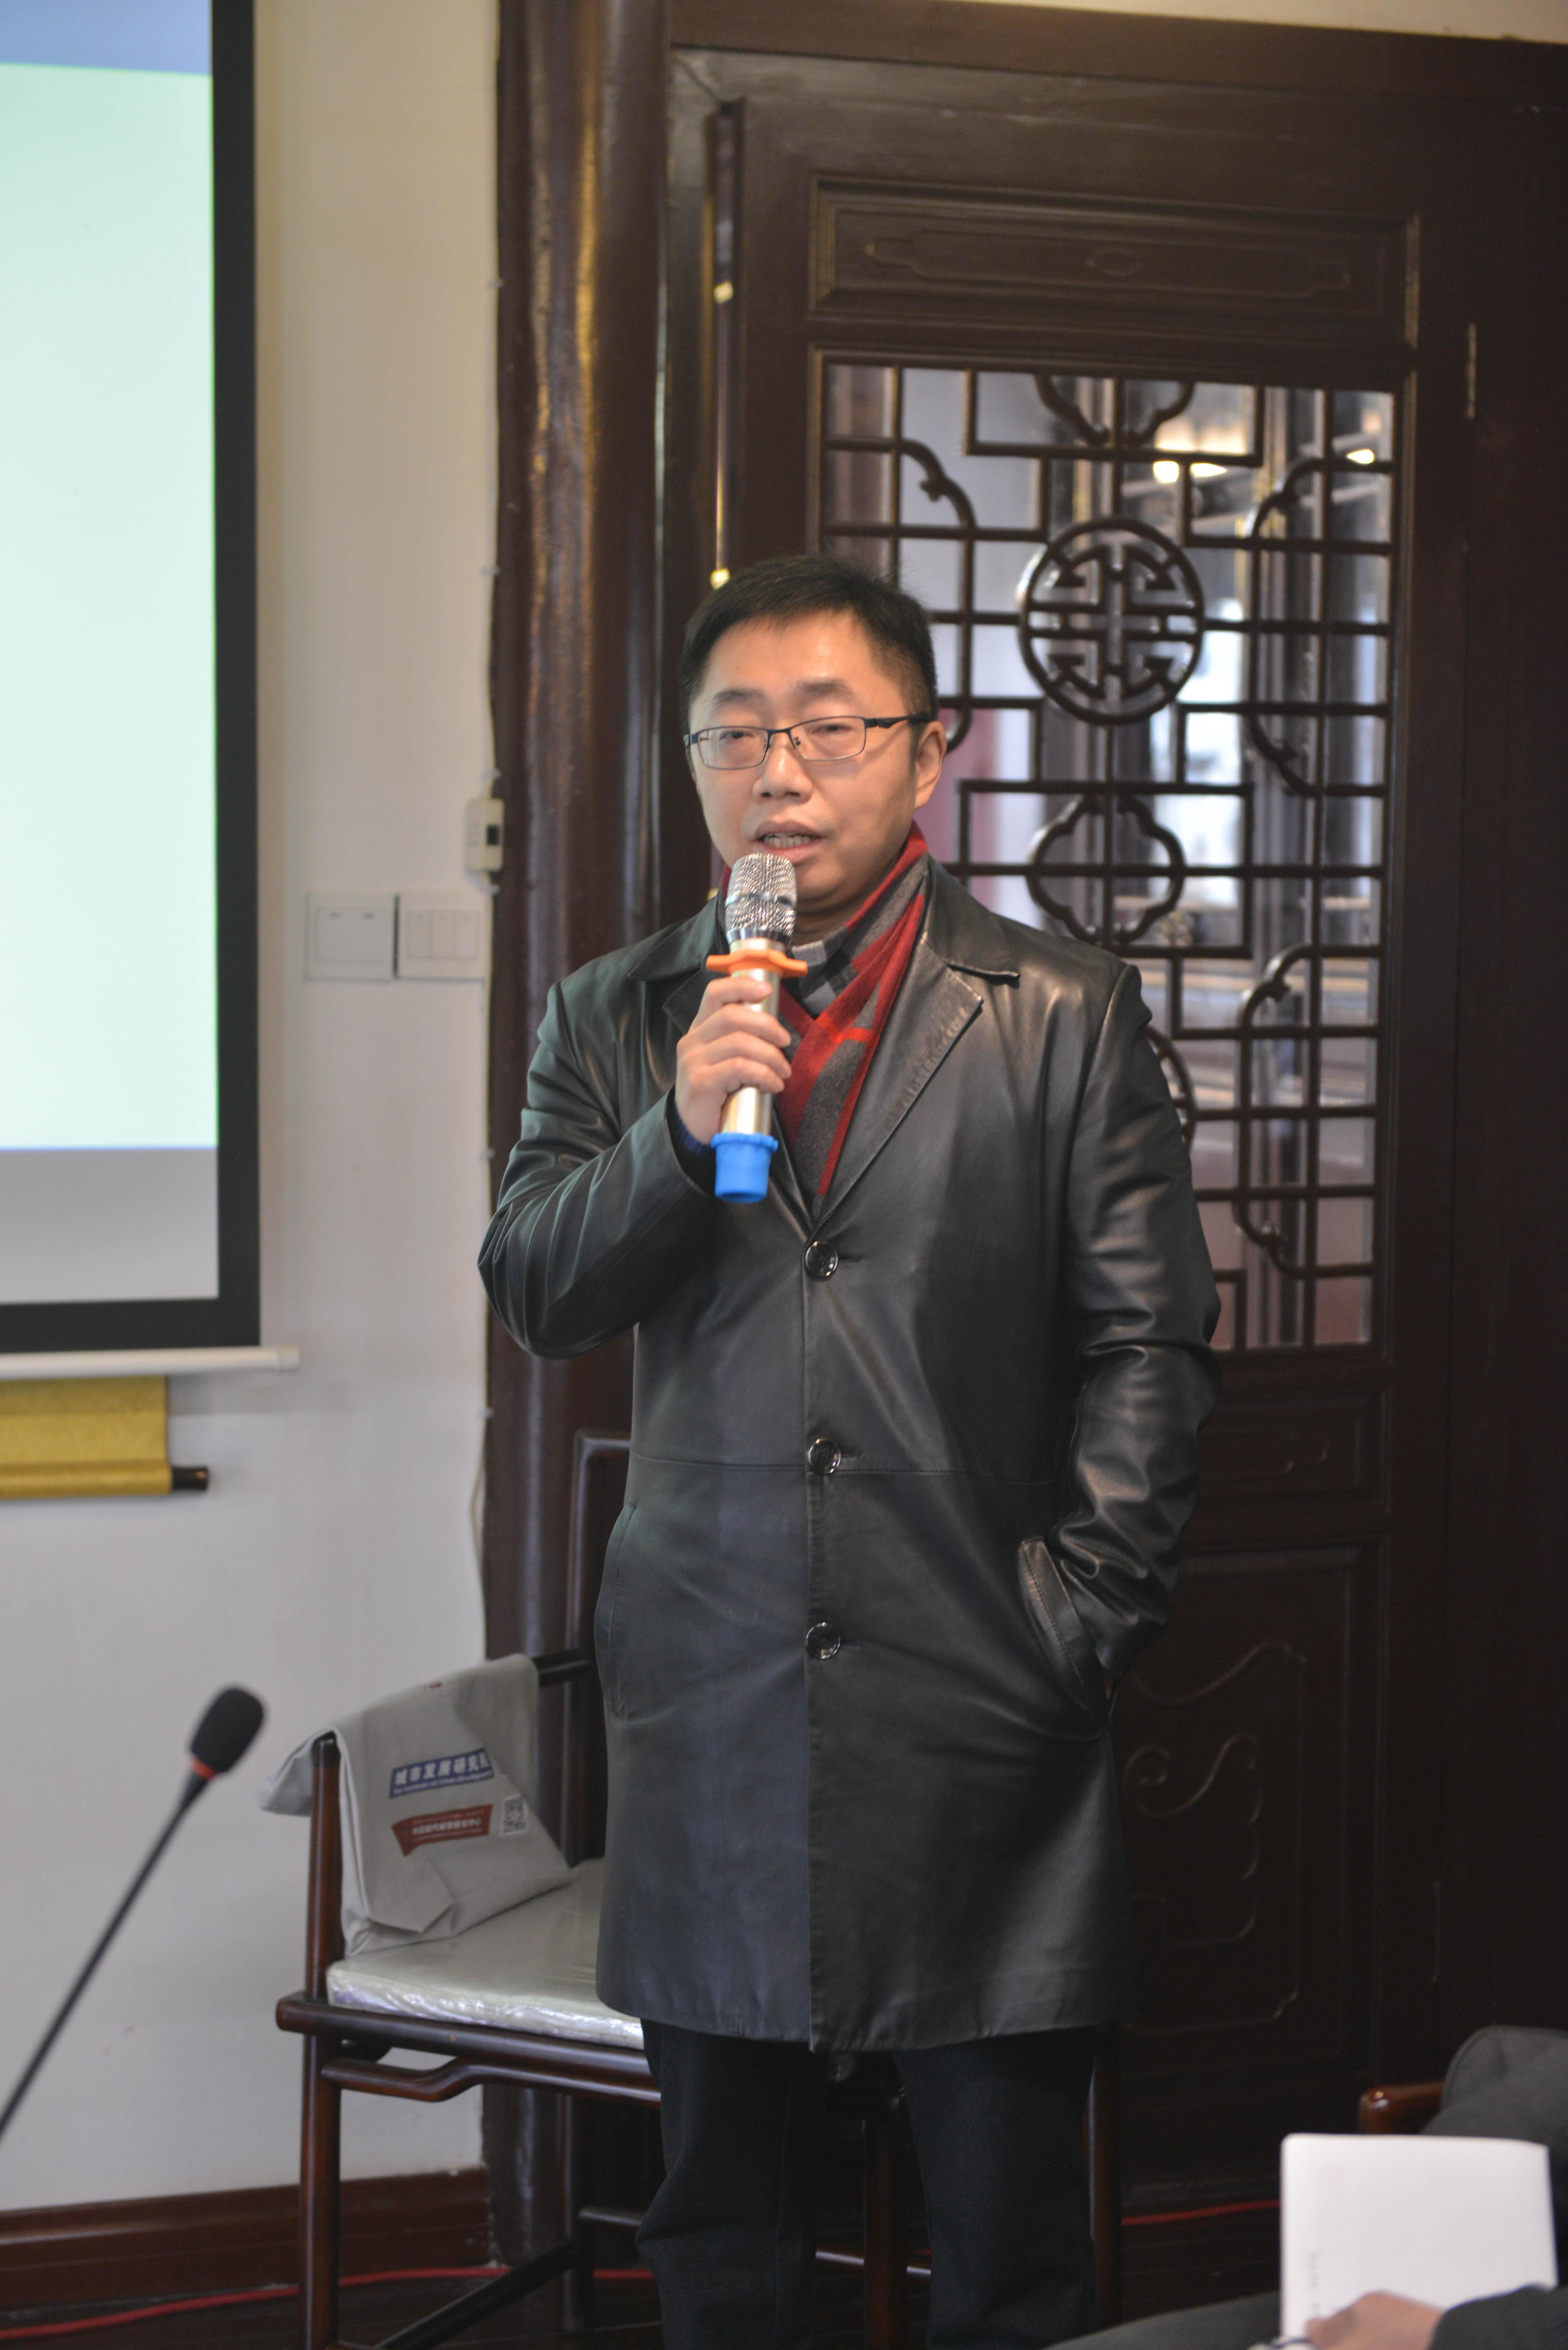 上海市开发区协会秘书长、长三角开发区协同发展联盟秘书长杜玉虎。